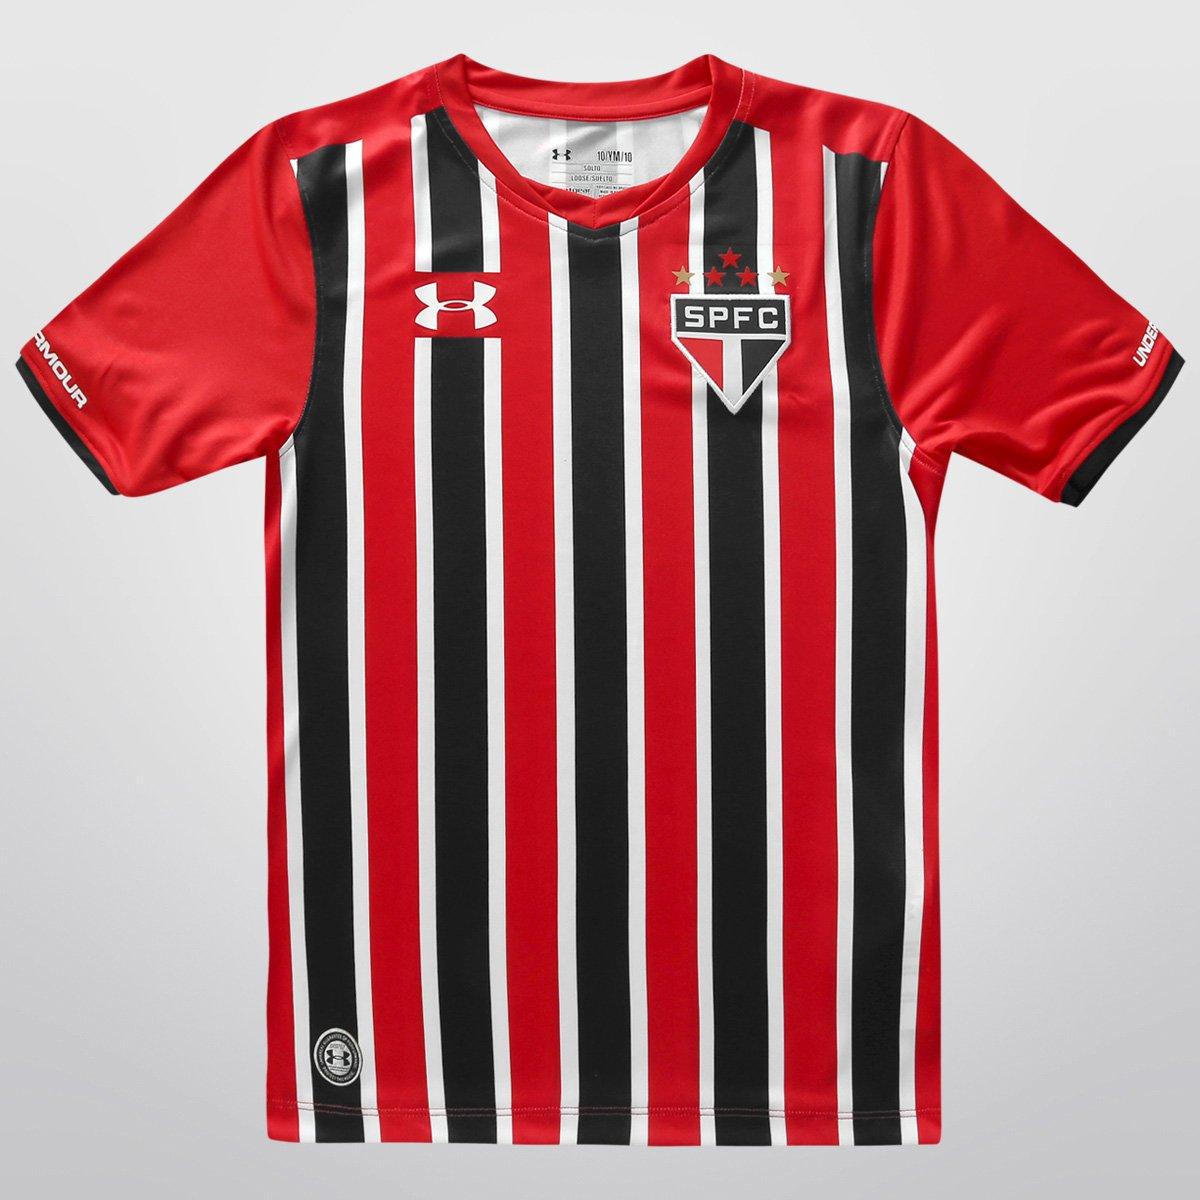 df52a89fd5 Camisa São Paulo Infantil II 15 16 s n° Torcedor Under Armour - Compre  Agora